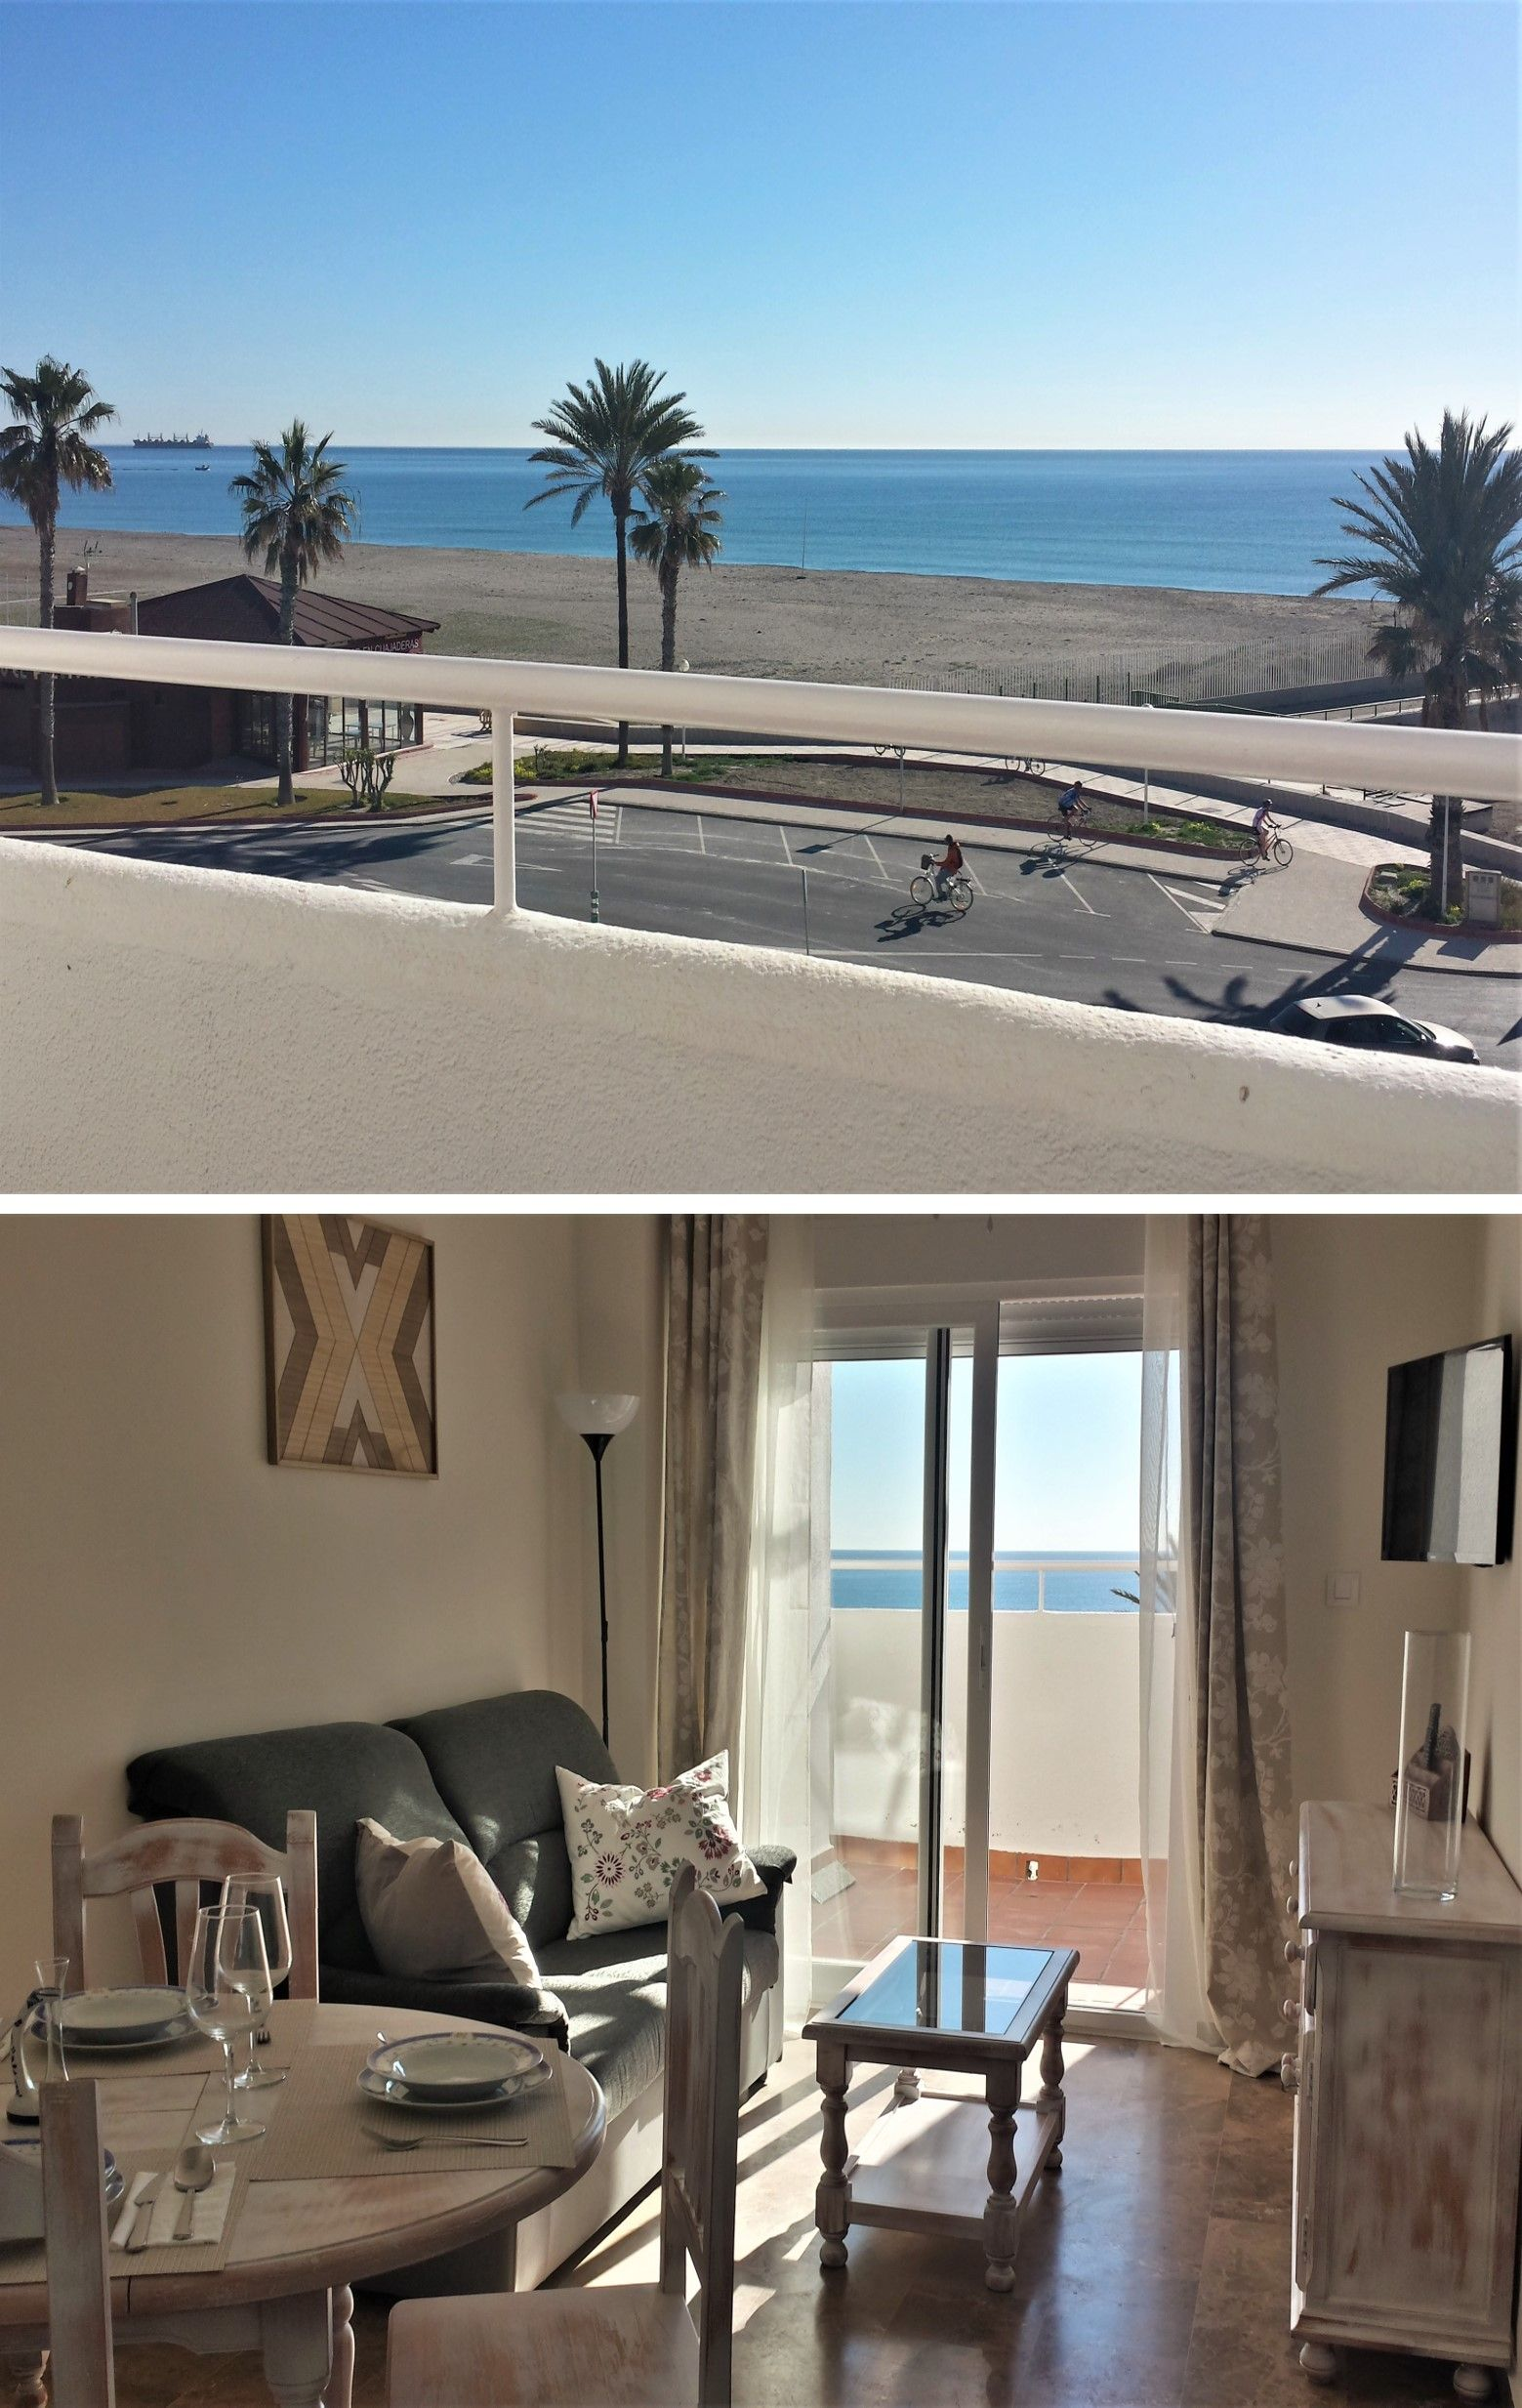 Garrucha ático Con Vistas Al Mar Primera Línea Playa En Garrucha Almería Casas De Veraneo Decoracion De Exteriores Vistas